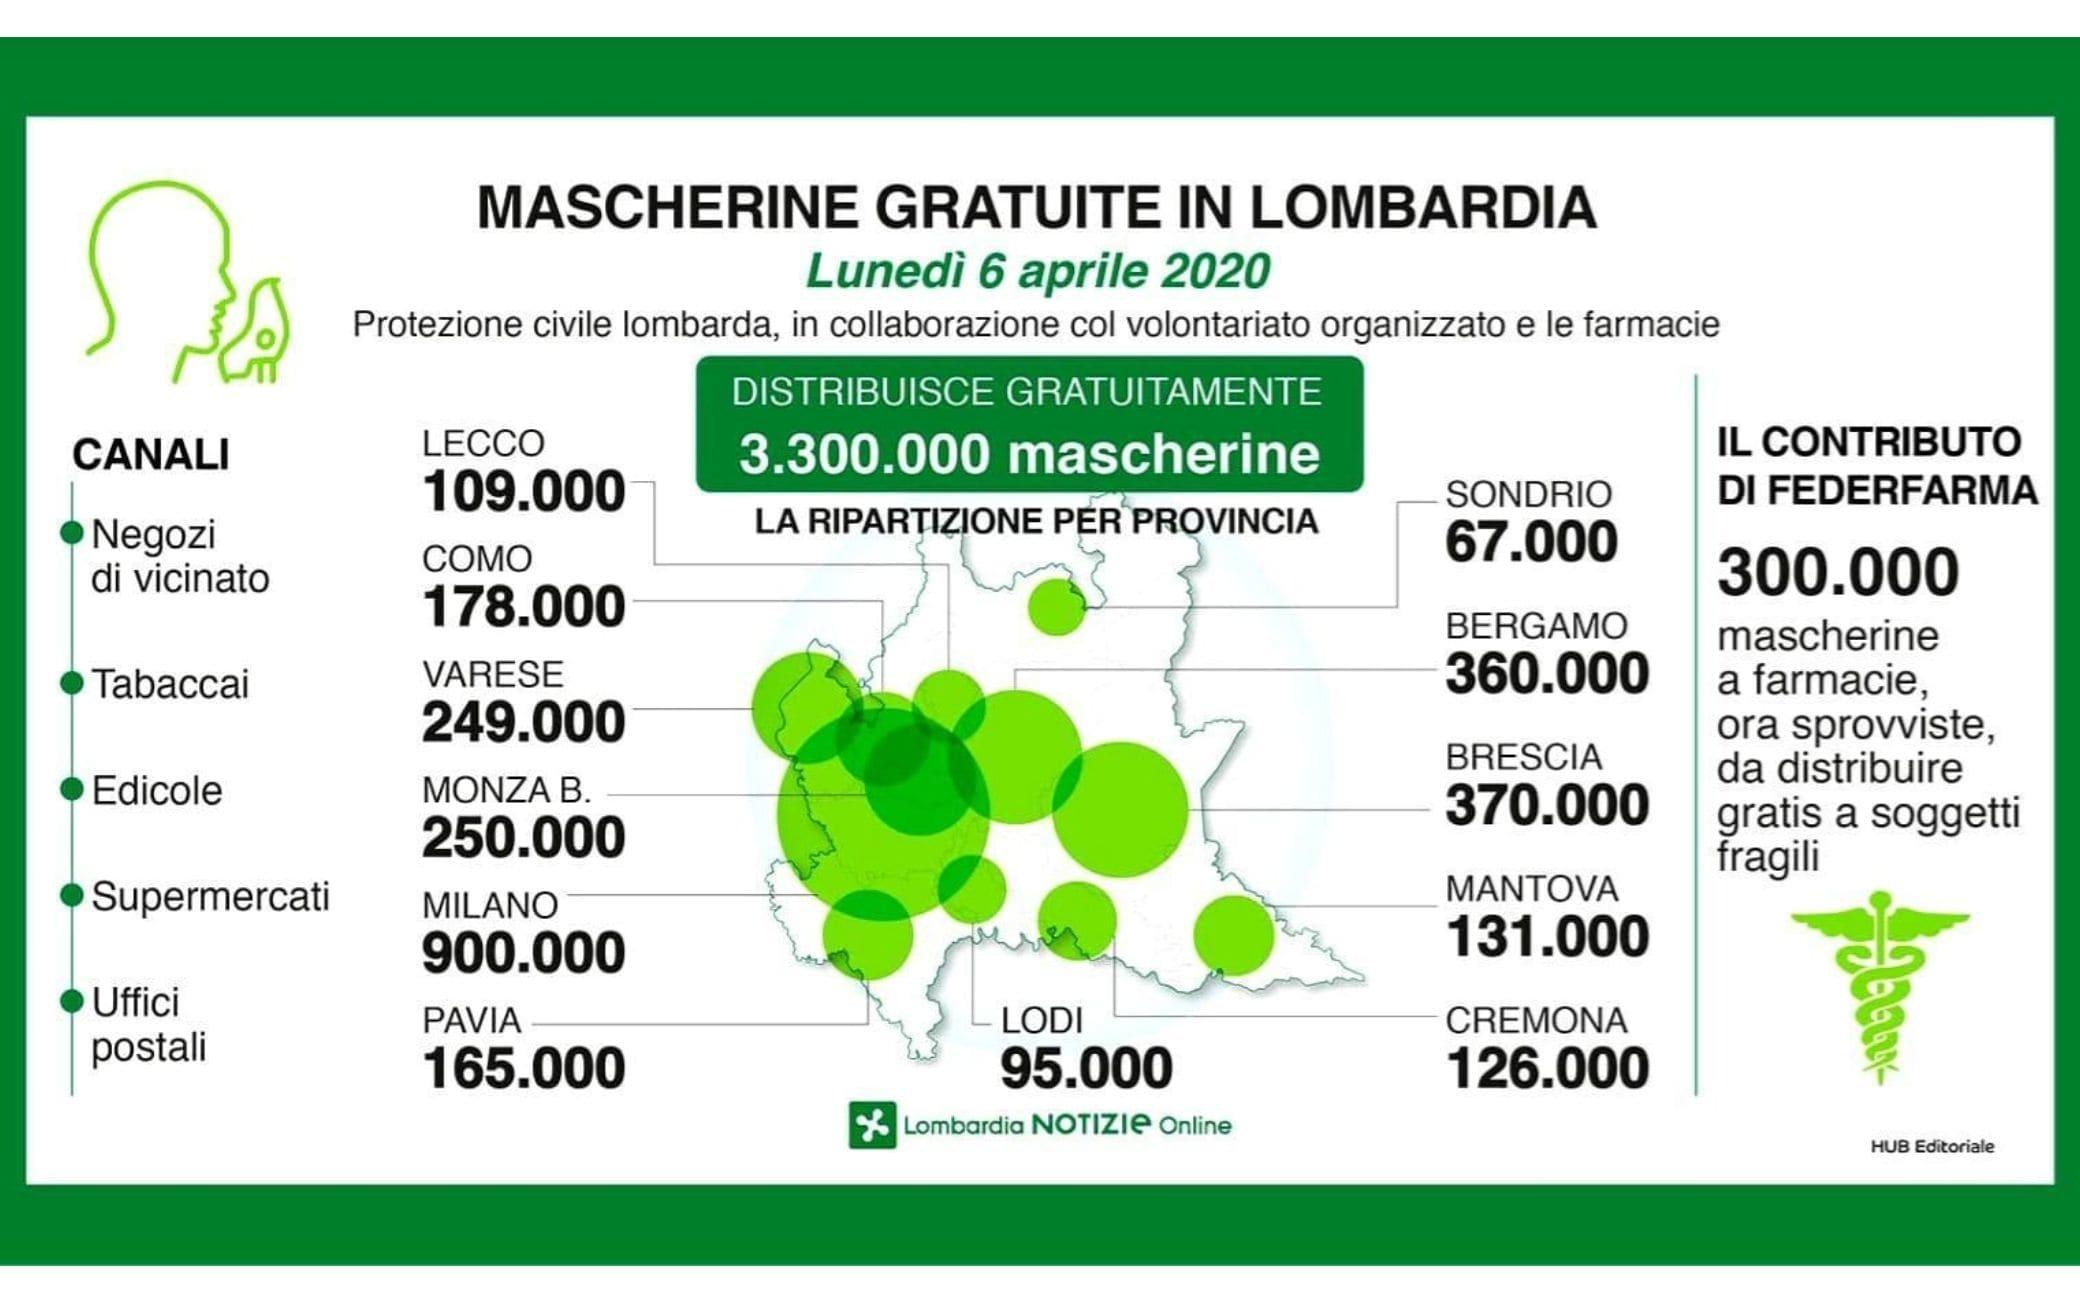 Mascherine gratis in Lombardia per emergenza coronavirus